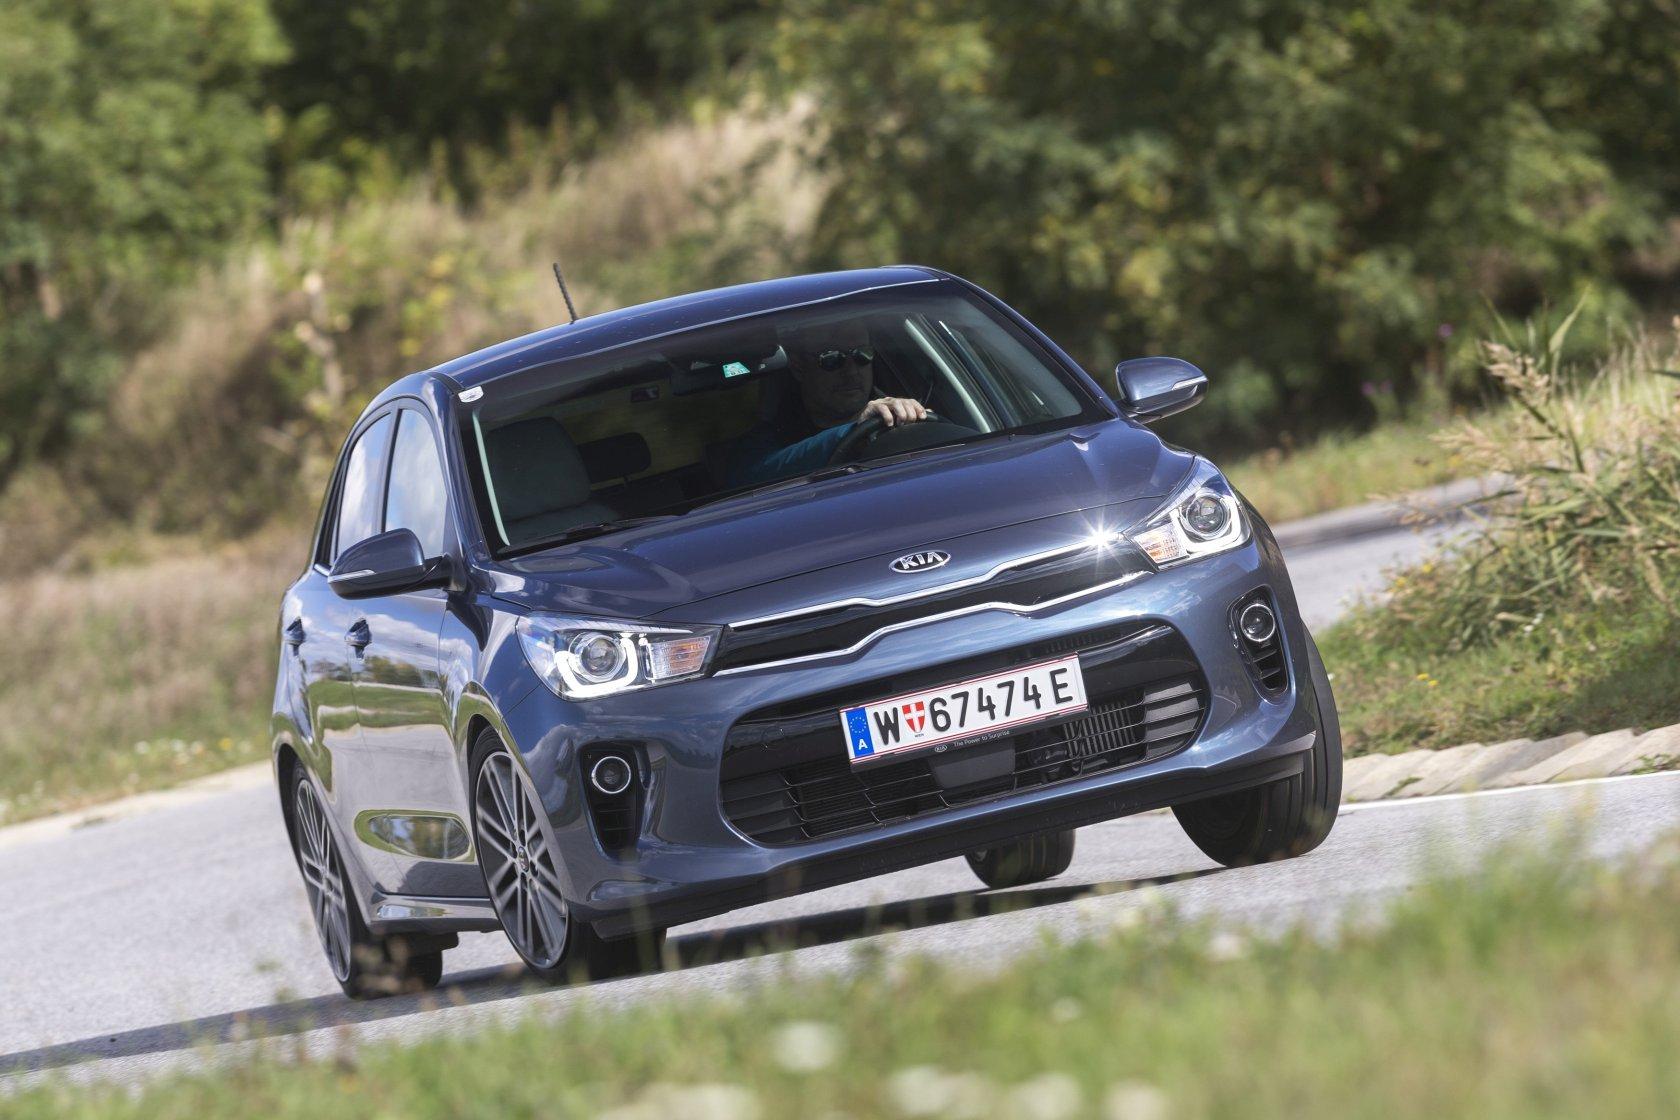 Vergleich: Neuer VW Polo gegen Ford Fiesta, Kia Rio und Seat Ibiza ...